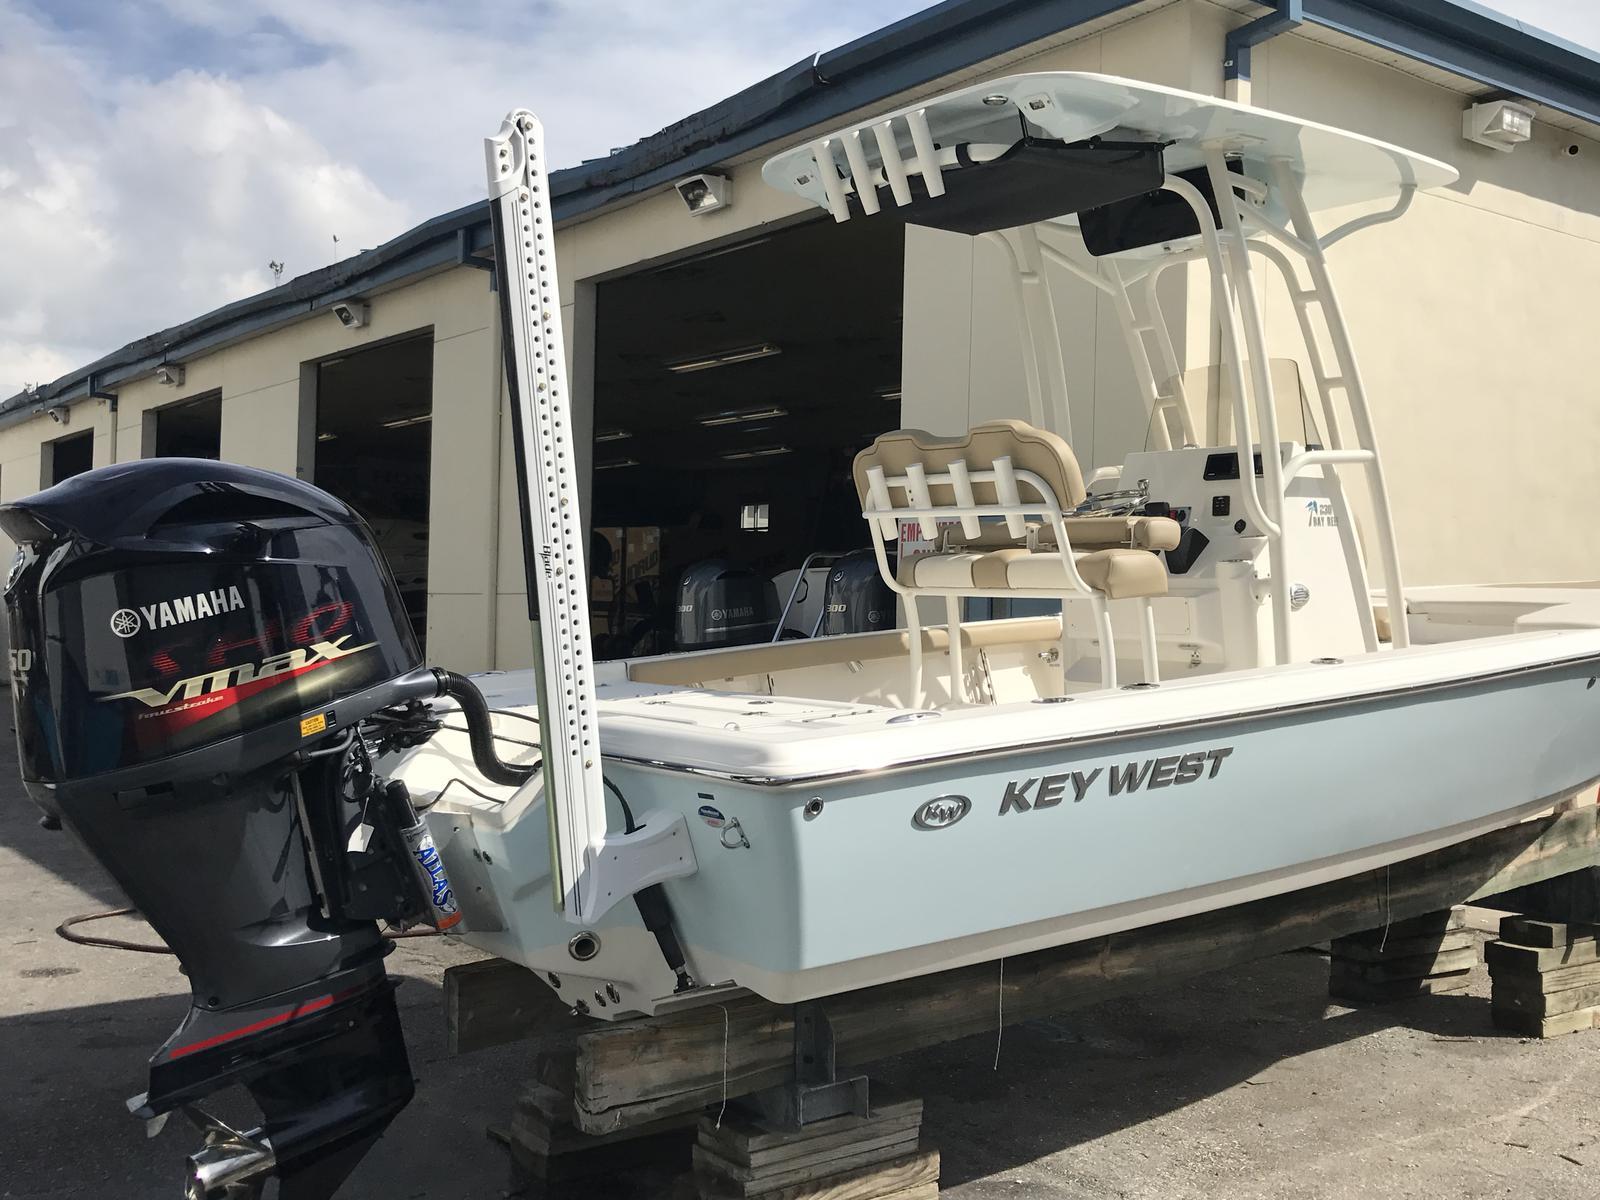 NEW 2018 Key West Boats, Inc. 230 BR - Sara Bay Marina